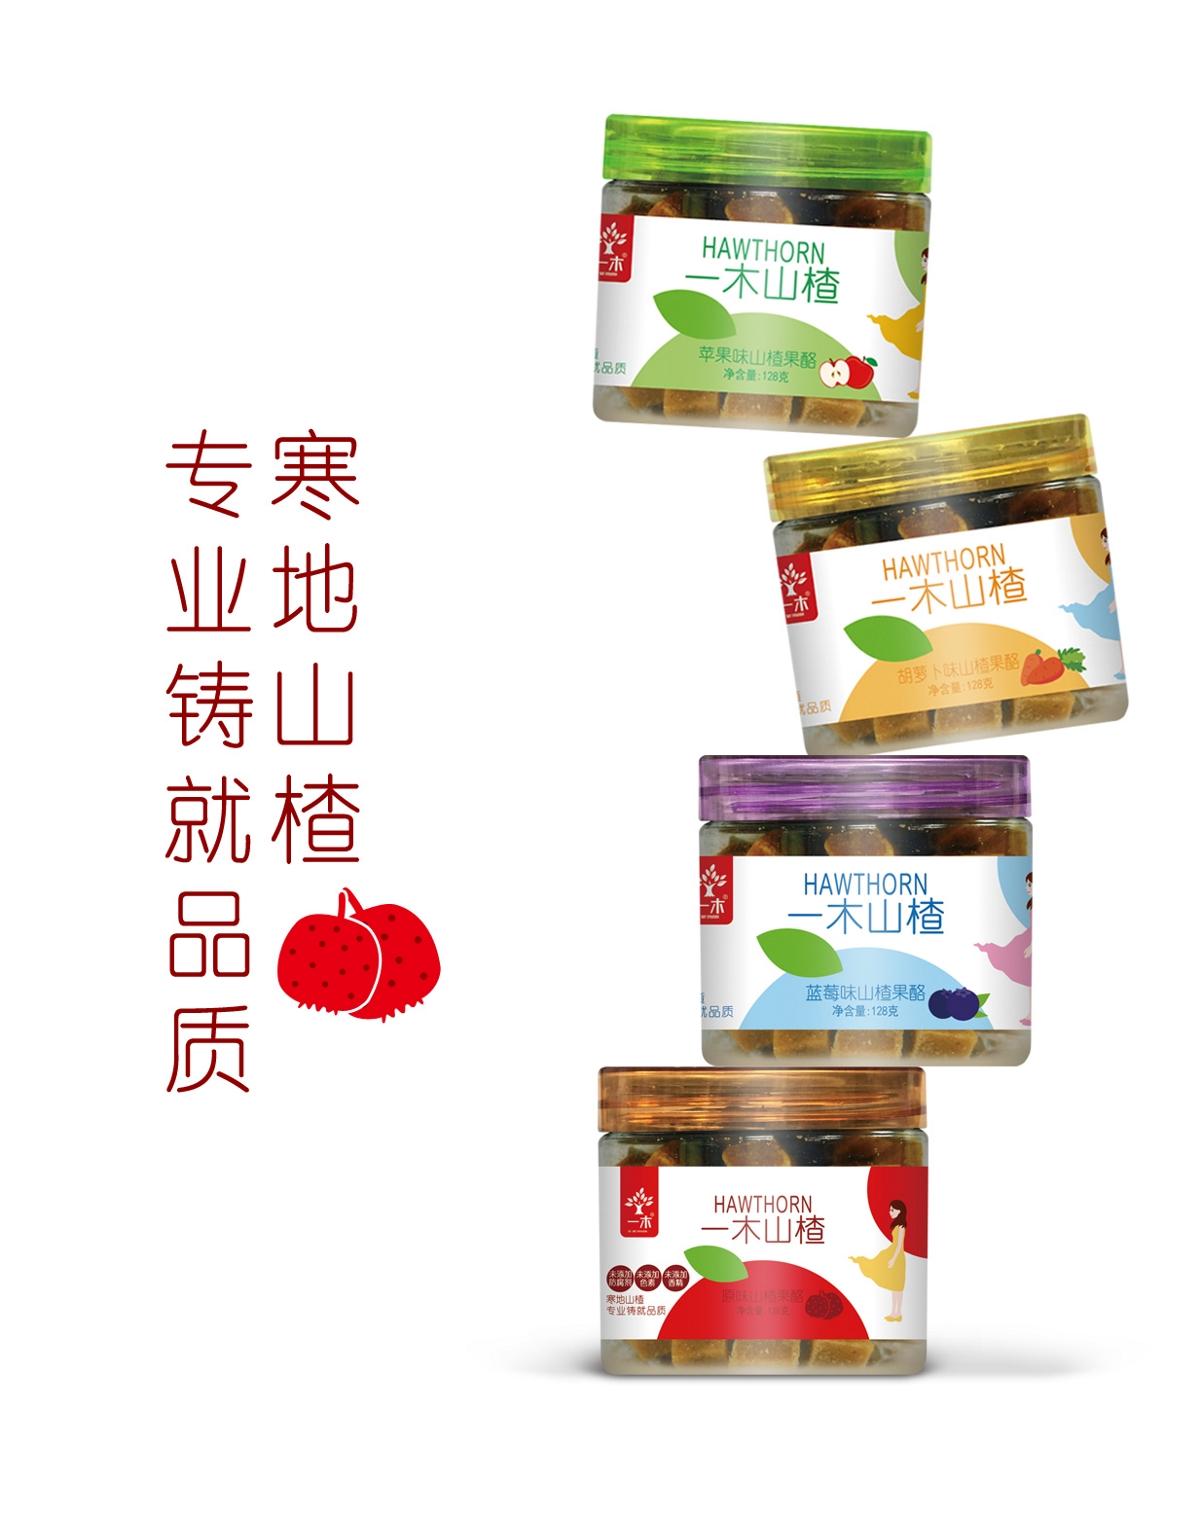 百納案例鑒賞 | 一木山楂 · 瓶裝系列包裝設計案例